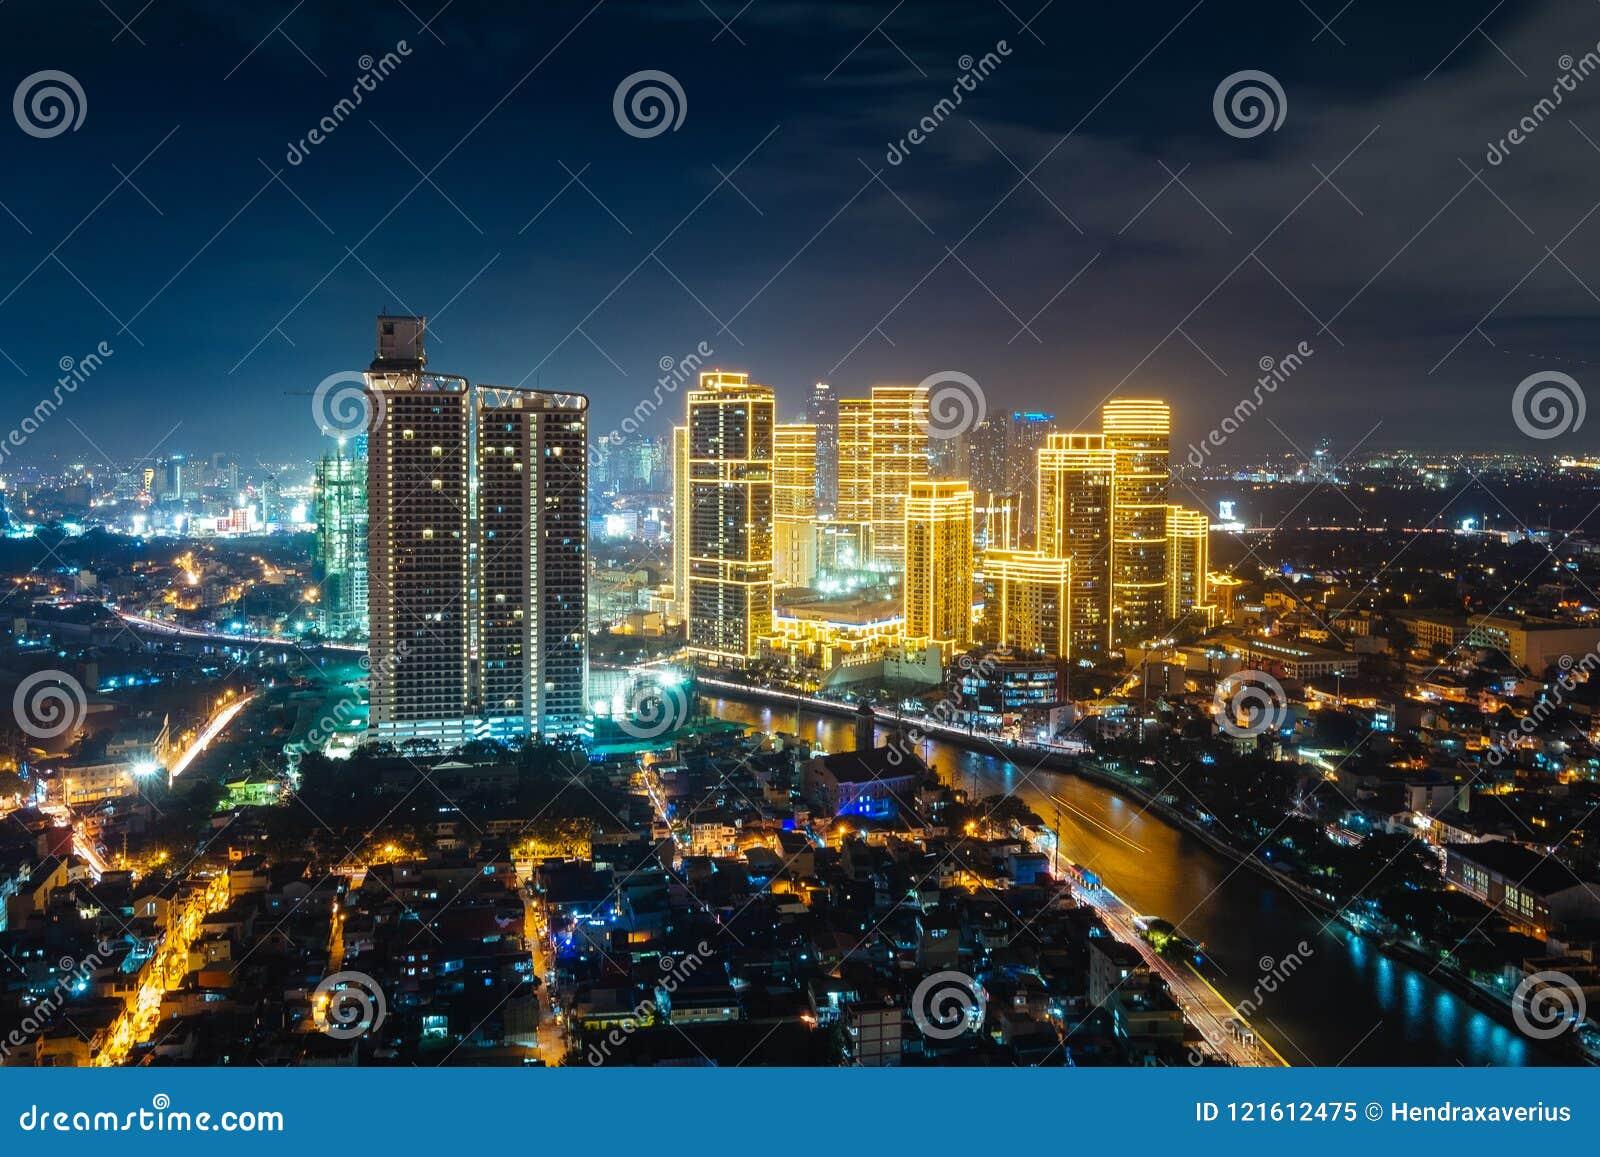 Illuminated Manila city at night